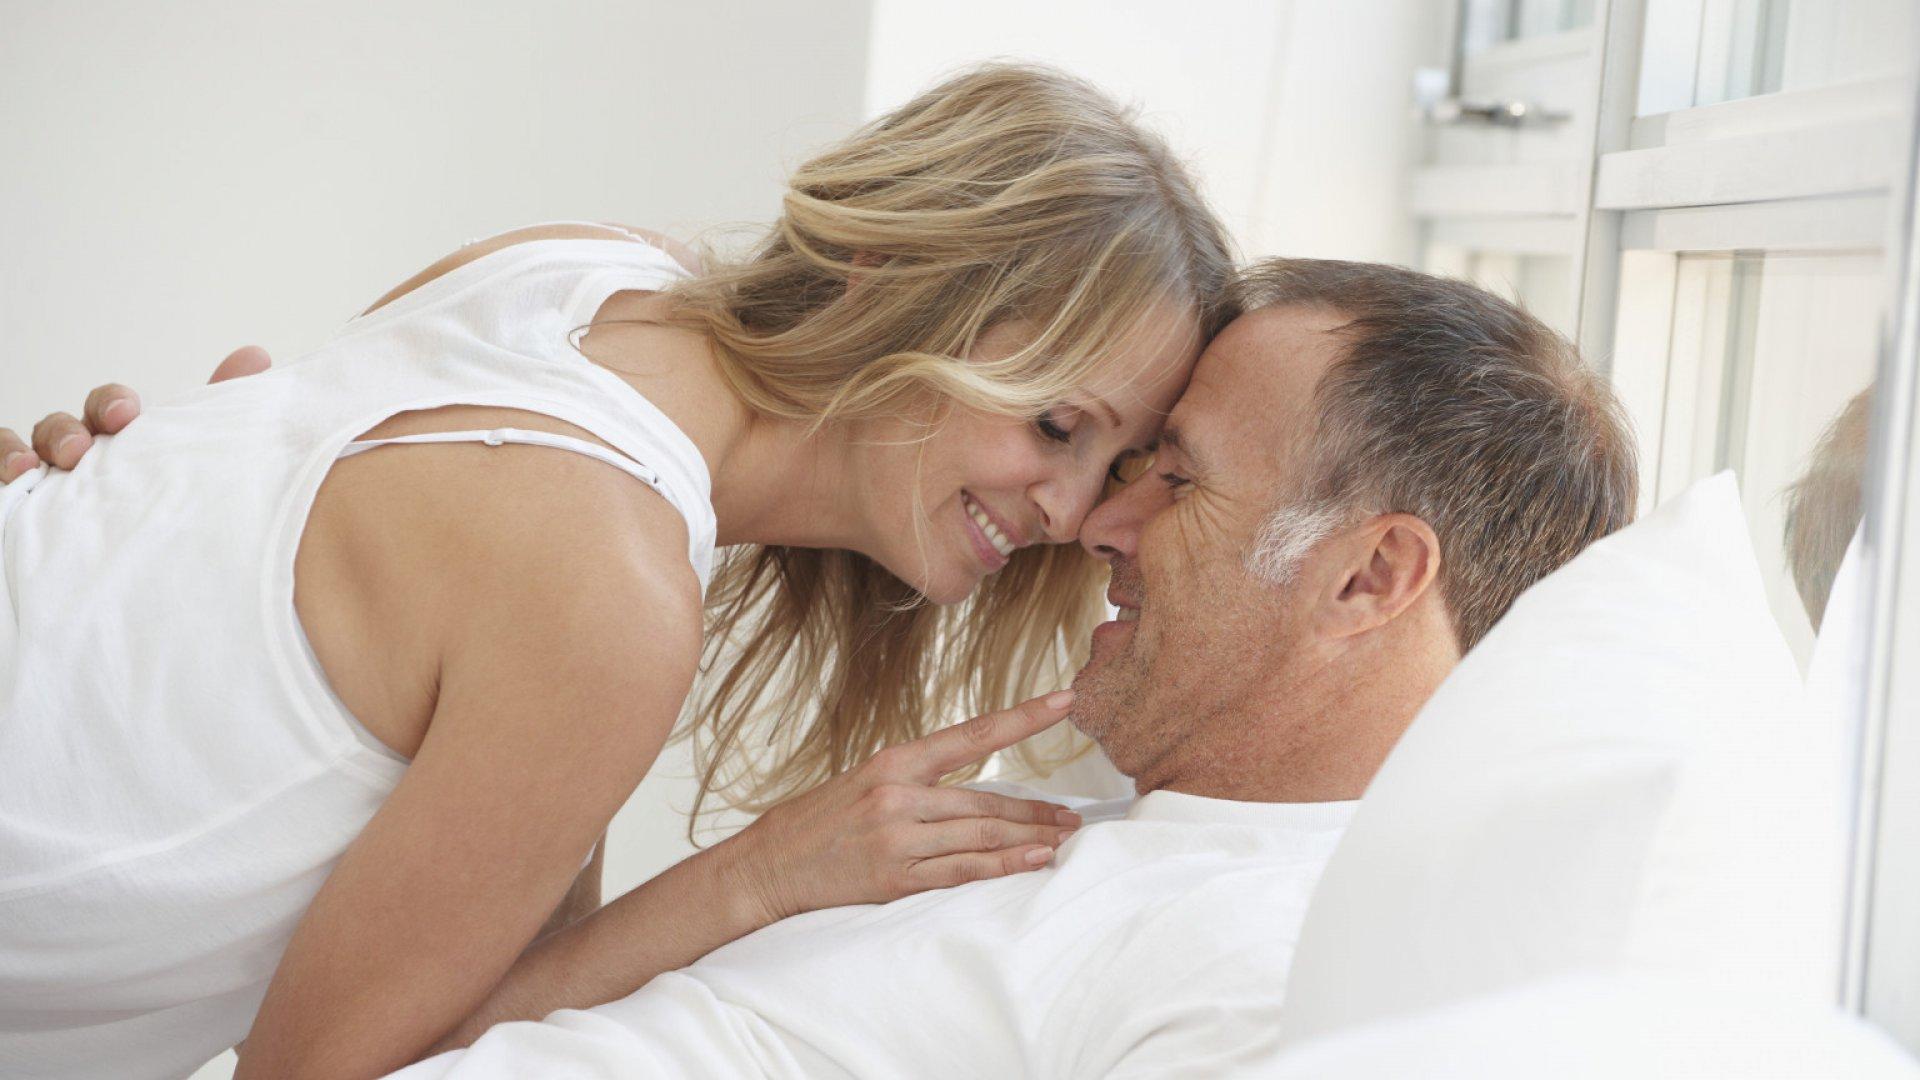 dimensiunile penisului în funcție de vârstă erecție spontană în timpul actului sexual